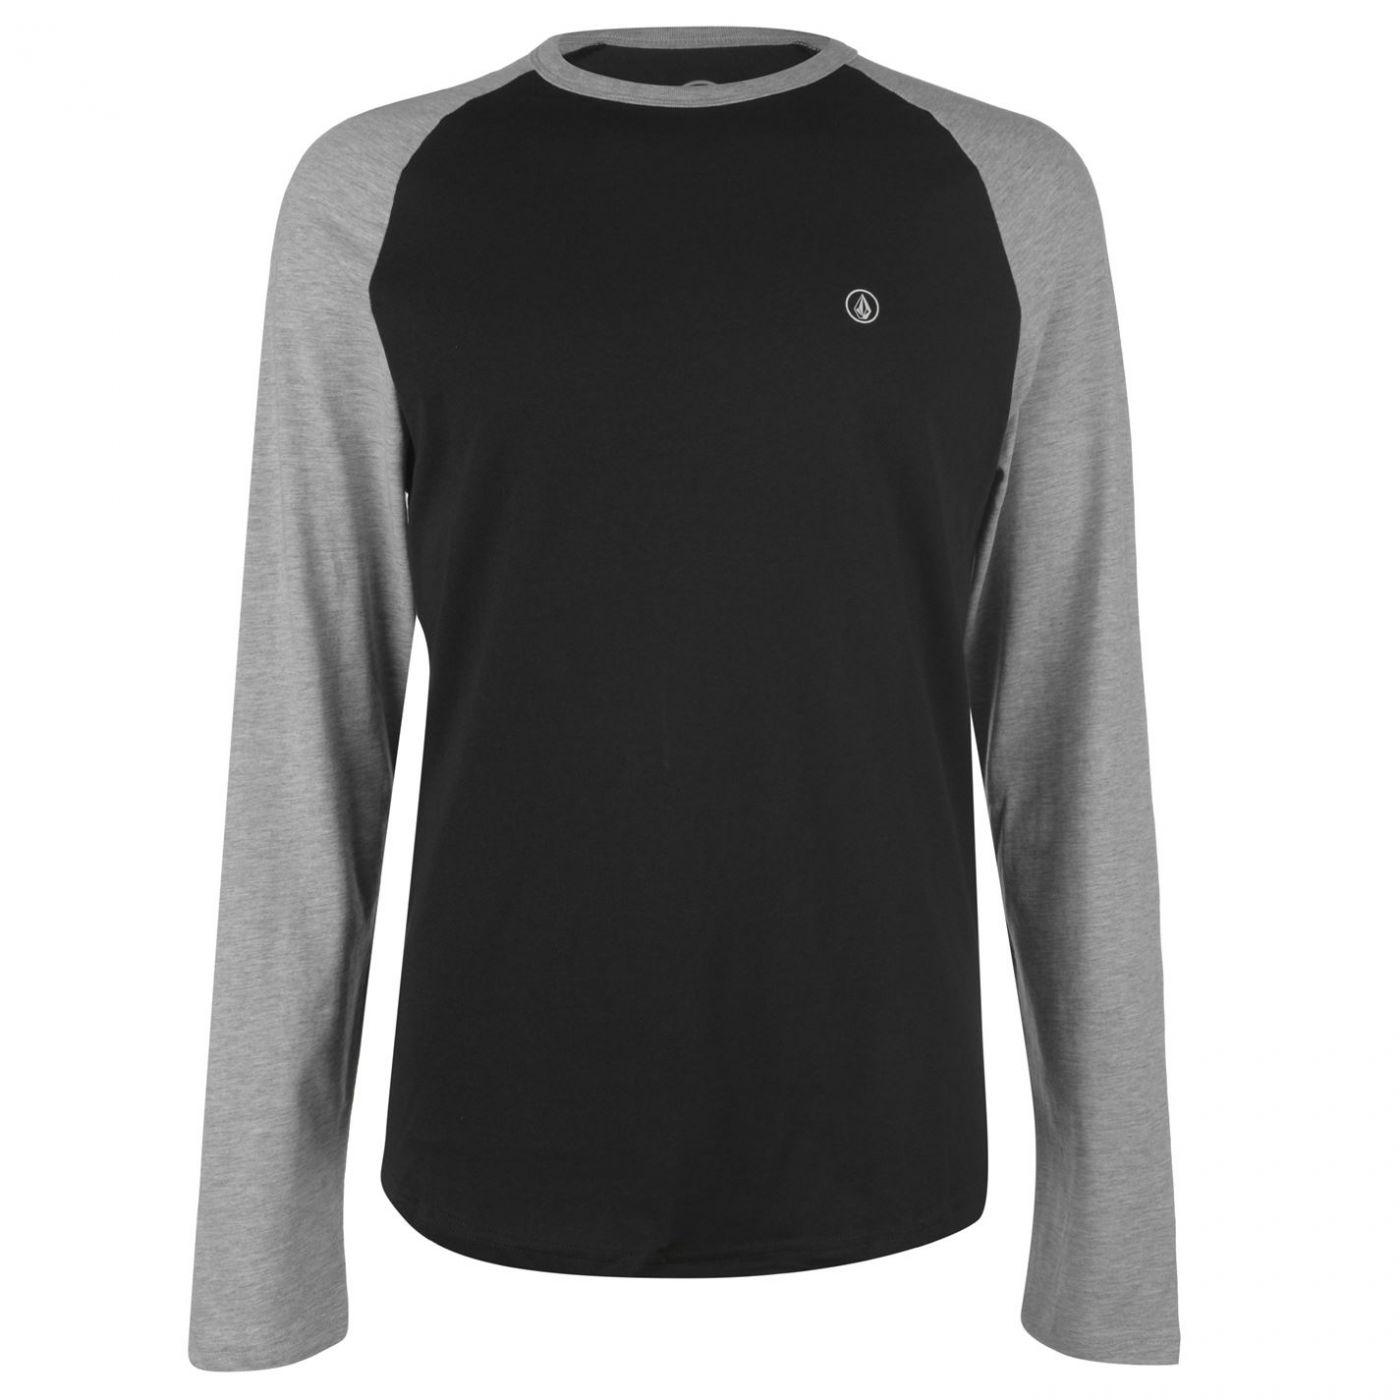 Volcom Men's Pen BSC LS T-shirt